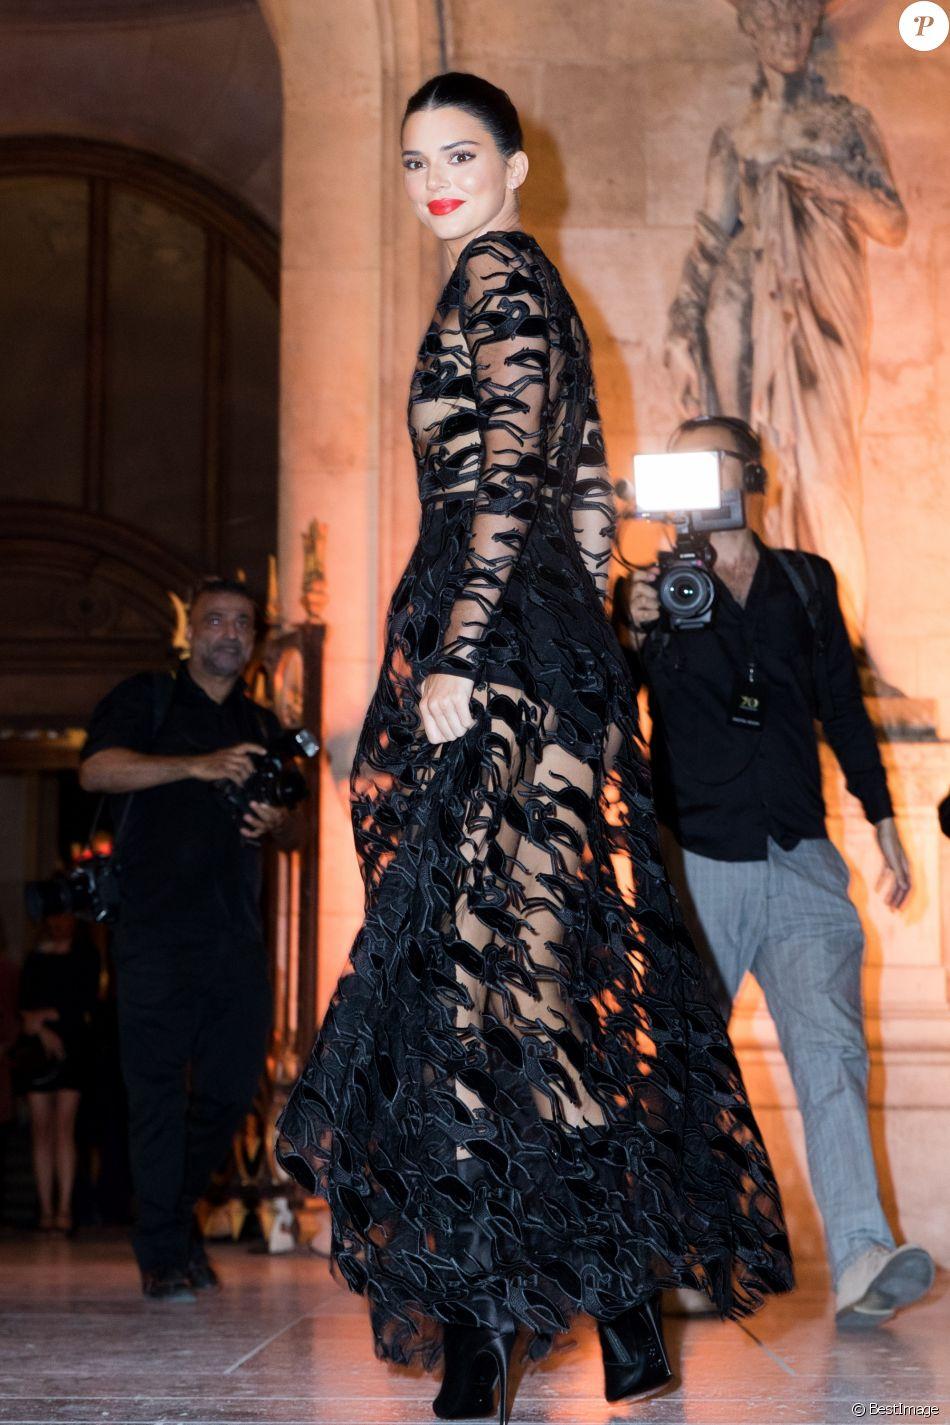 Kendall Jenner (égérie de la marque Longchamp) lors de la soirée du 70ème anniversaire de Longchamp à l'Opéra Garnier à Paris, France, le 11 septembre 2018. © Cyril Moreu/Bestimage